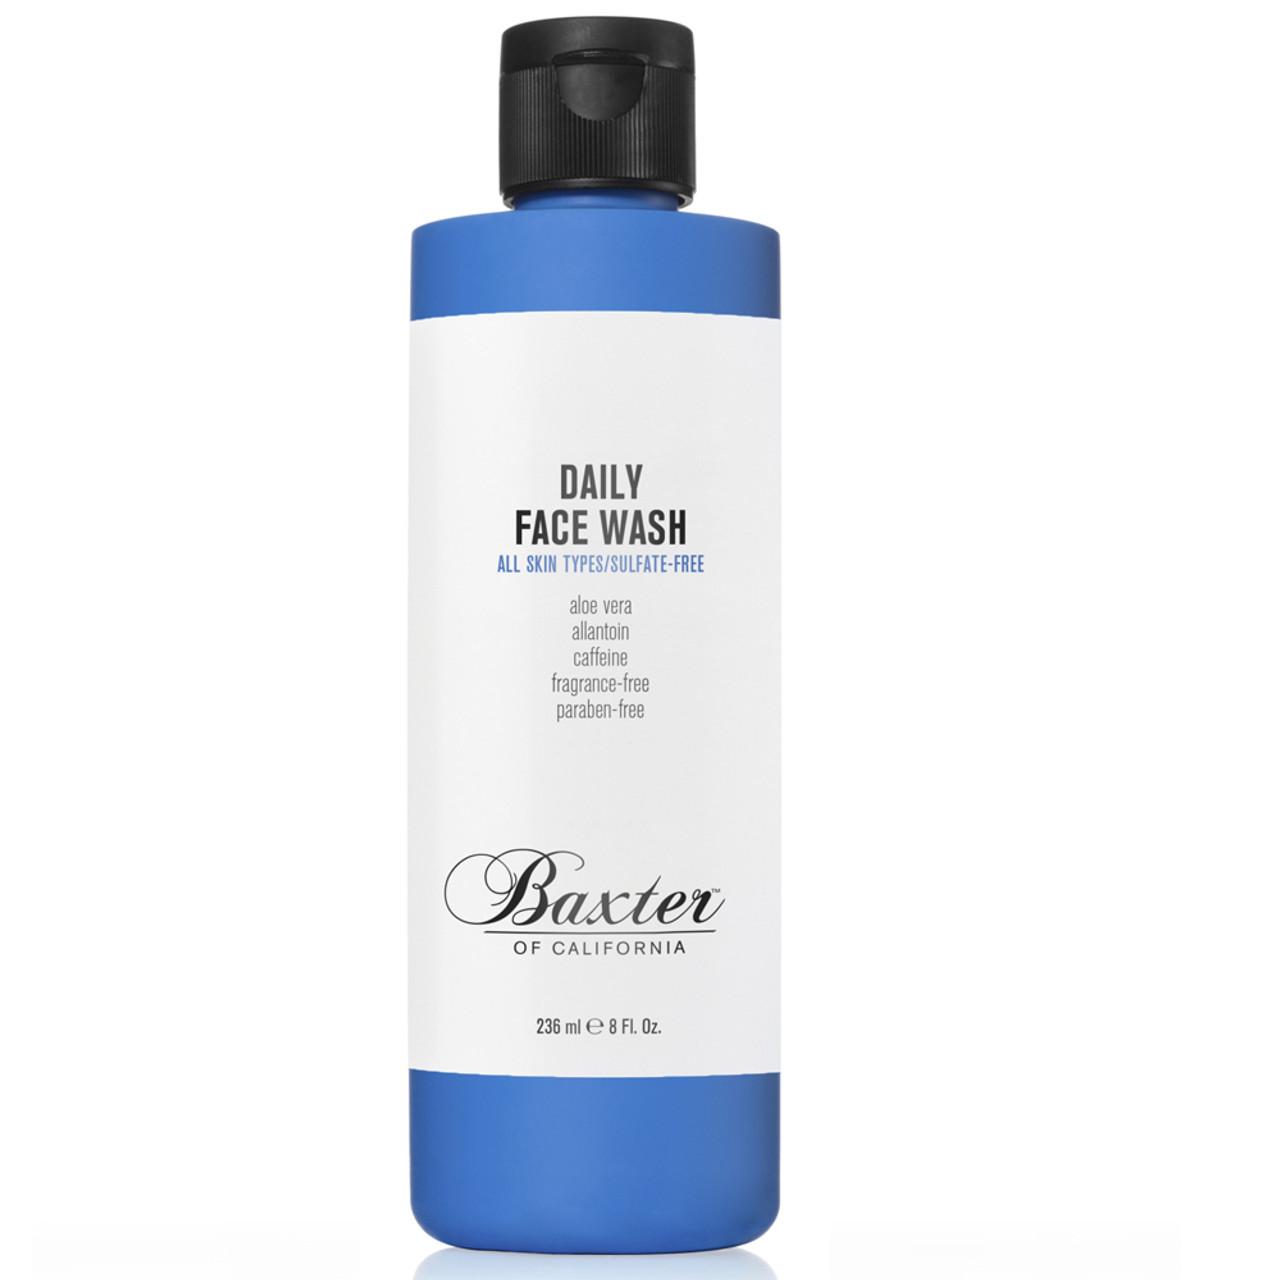 Baxter of California Daily Face Wash BeautifiedYou.com